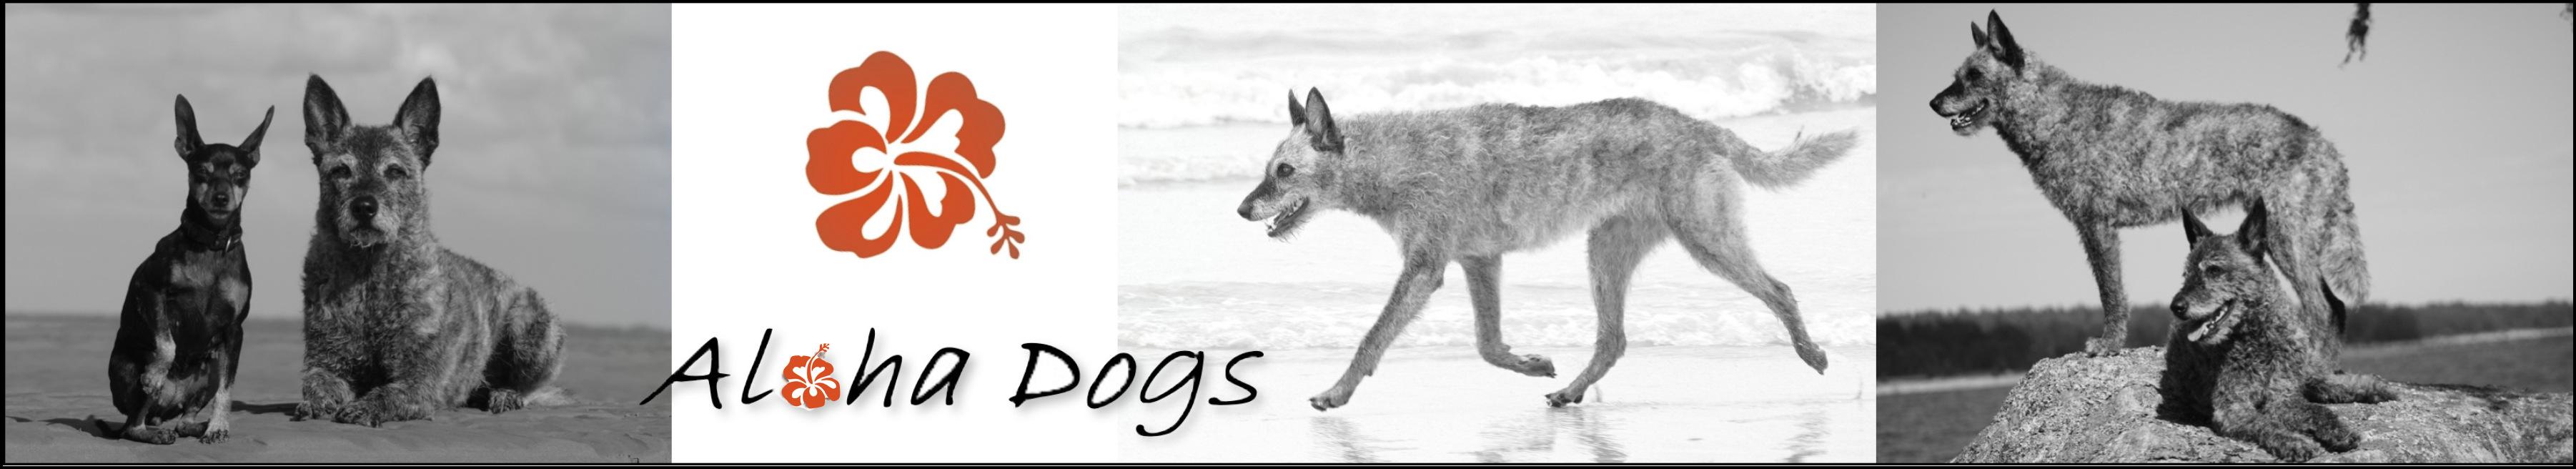 alohadogs